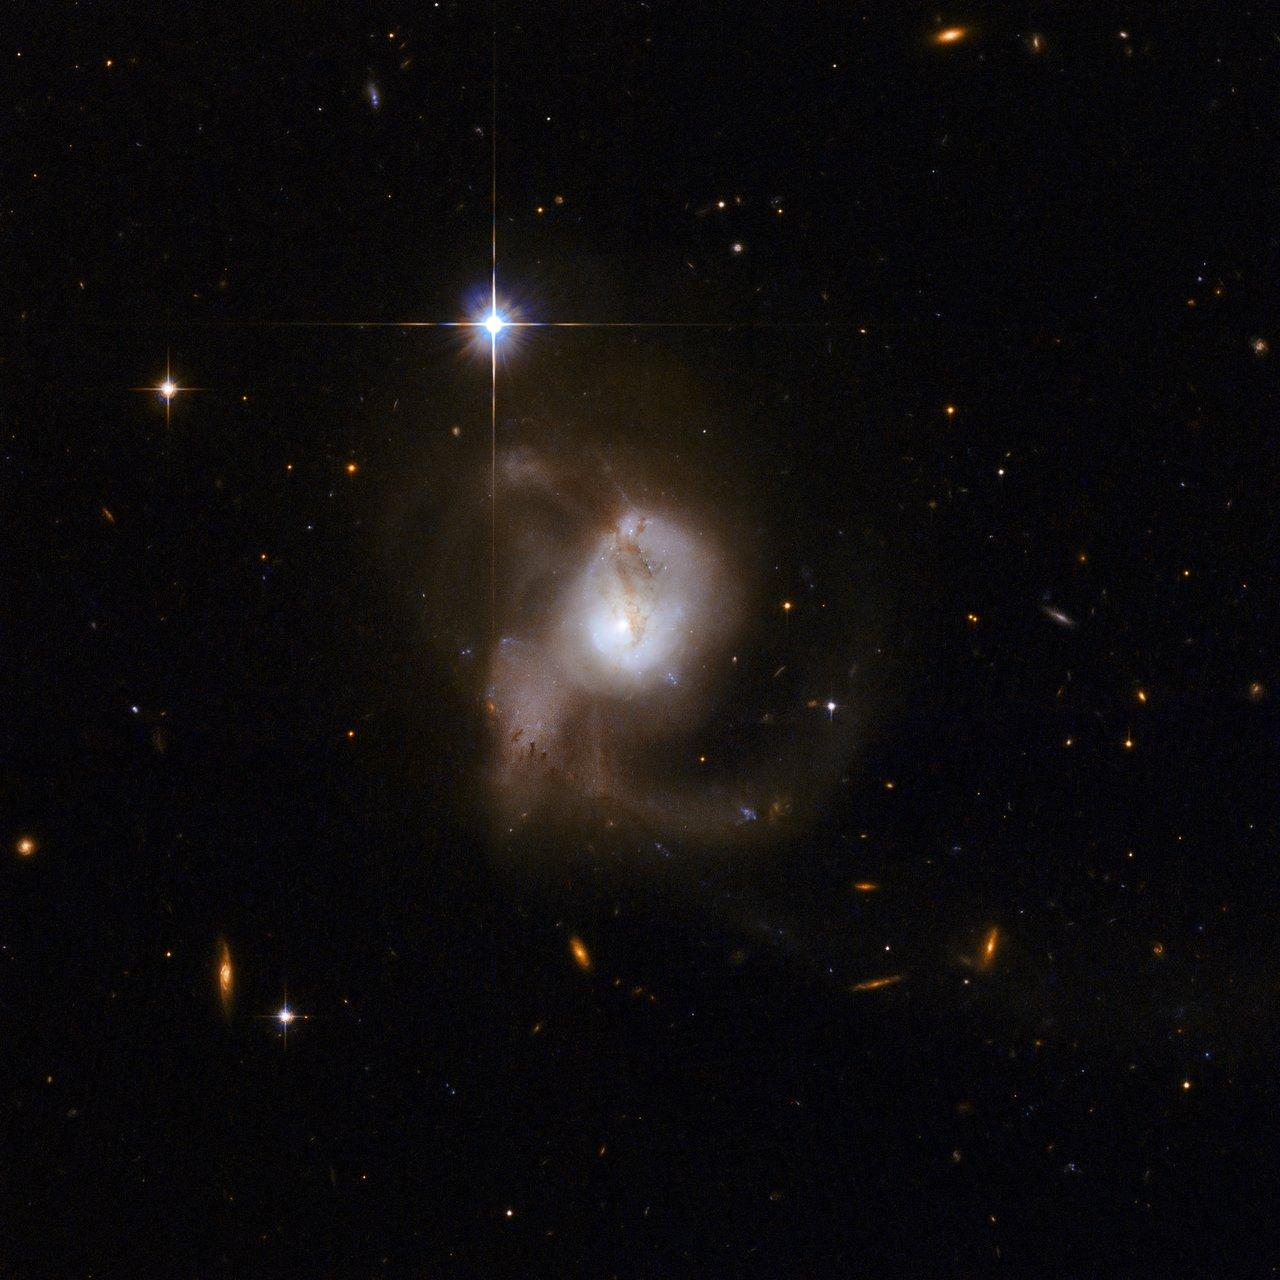 ESO 239-IG002